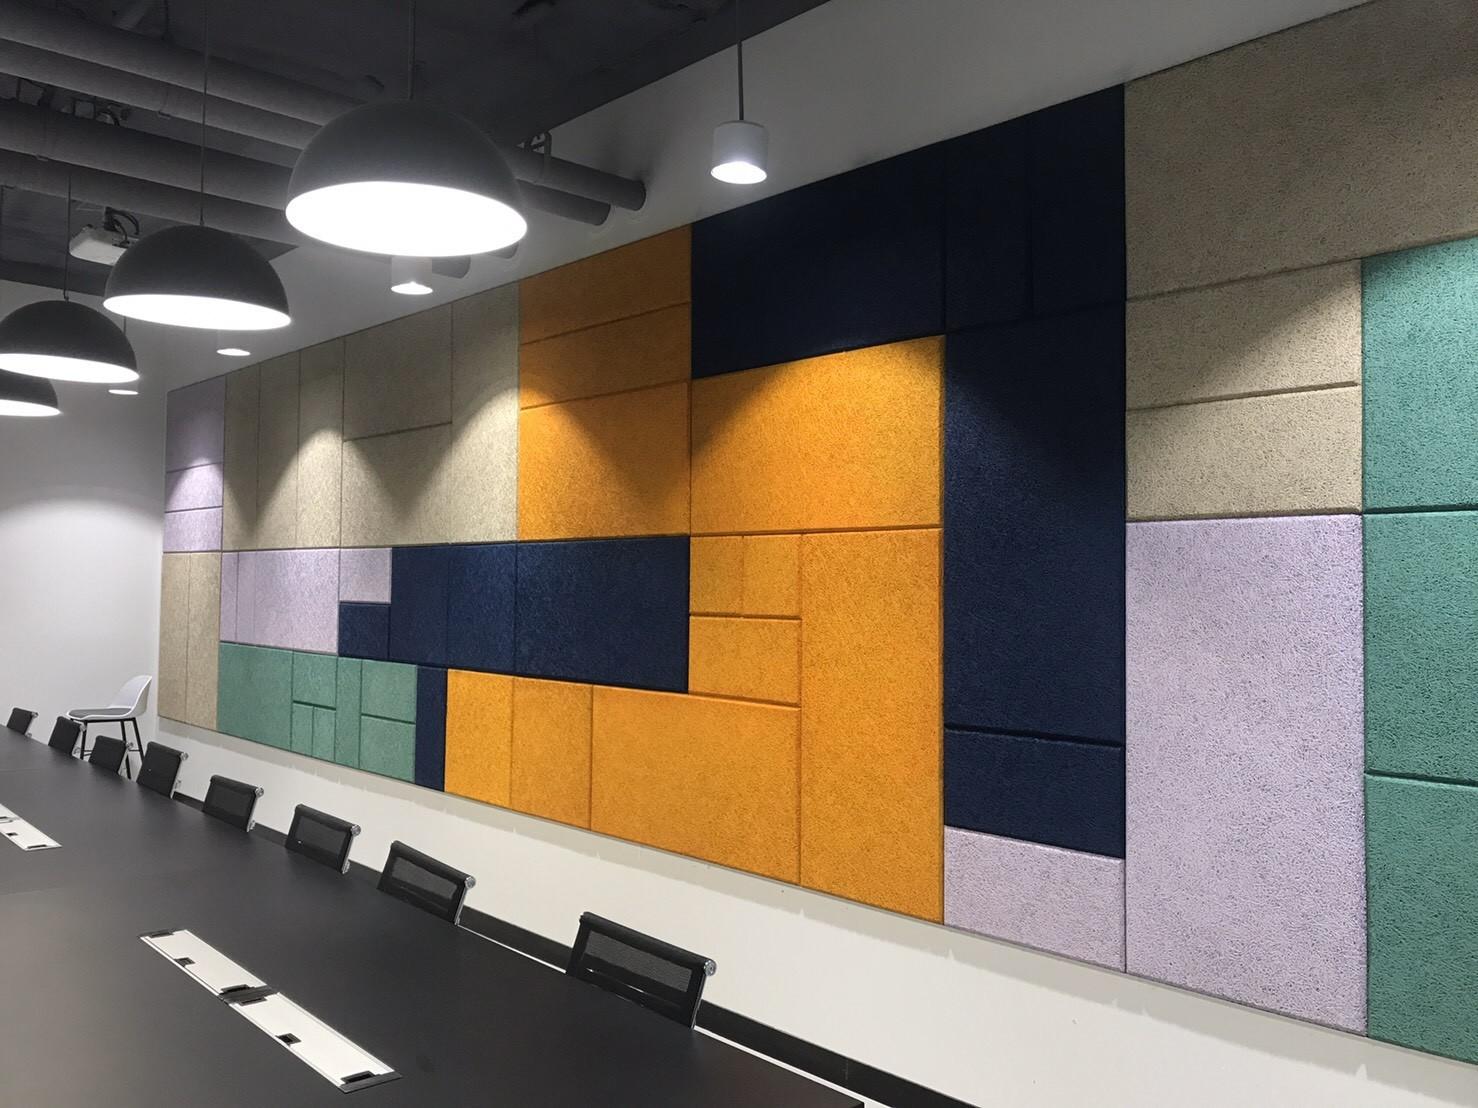 แปลงโฉมห้องประชุมใหม่ เพิ่มสีสันความสนุกสนานได้ด้วย Trandar Heradesign